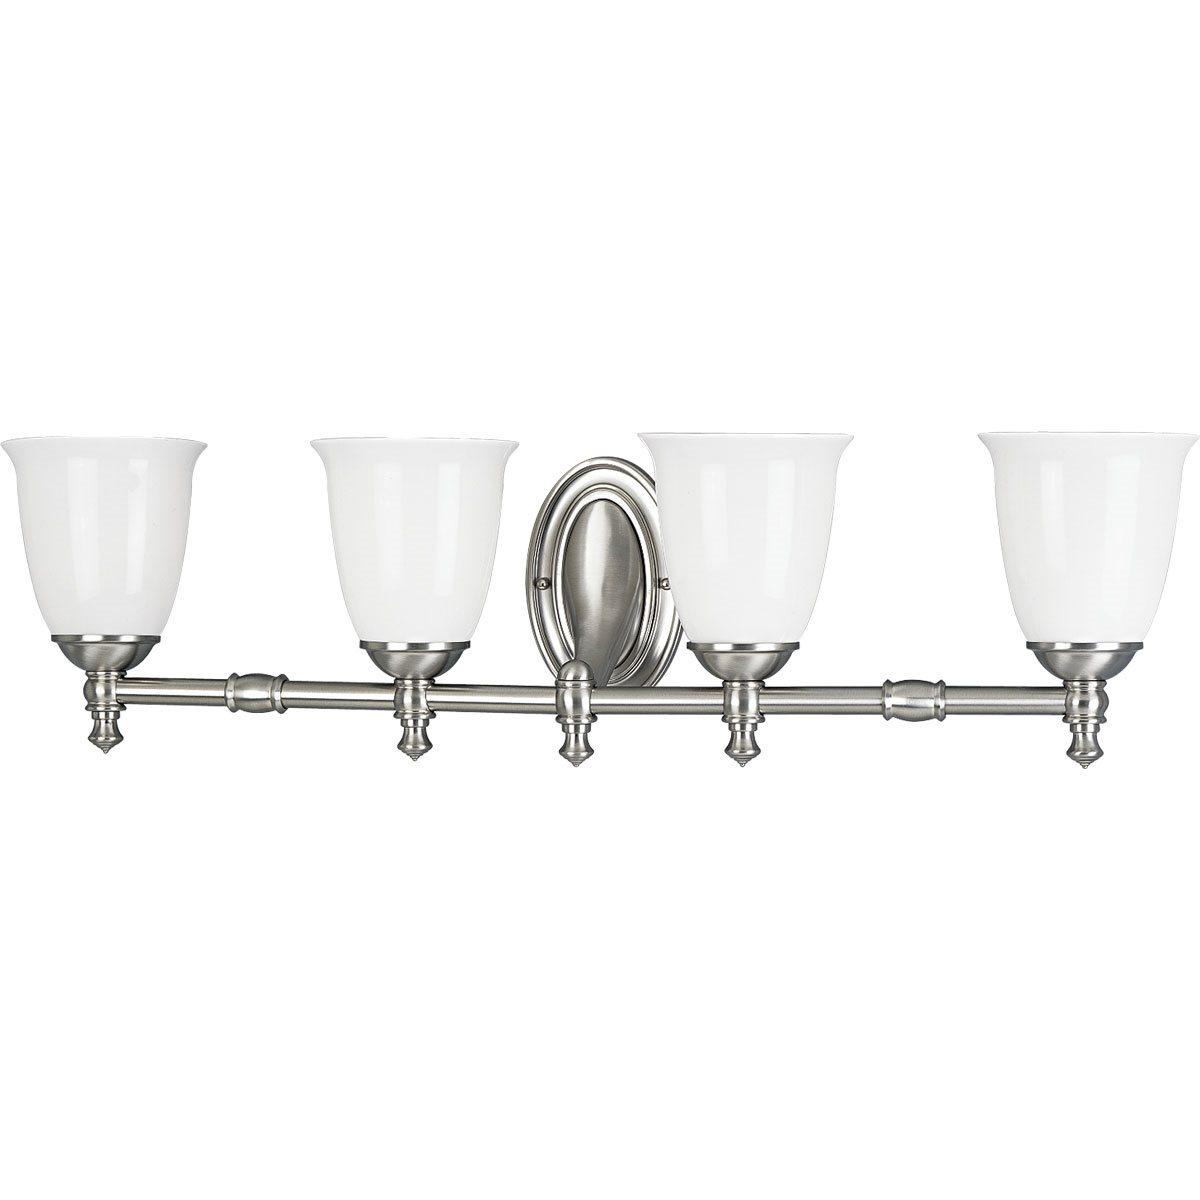 Delta p3041 victorian transitional bathroom vanity light - Victorian bathroom lighting fixtures ...